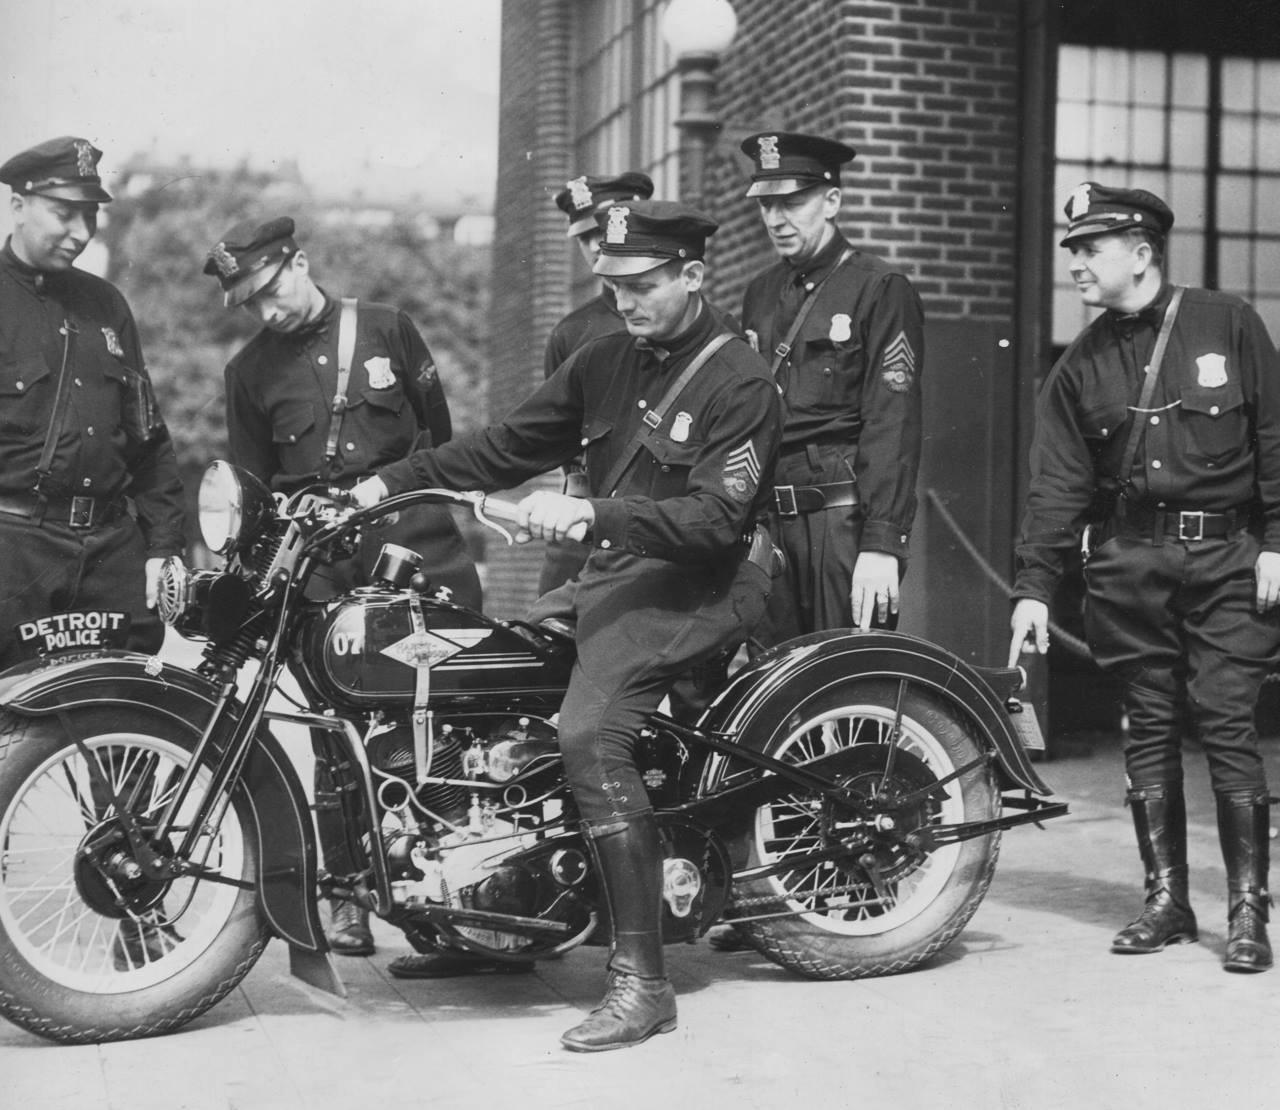 1934 - División de la policia de Detroit